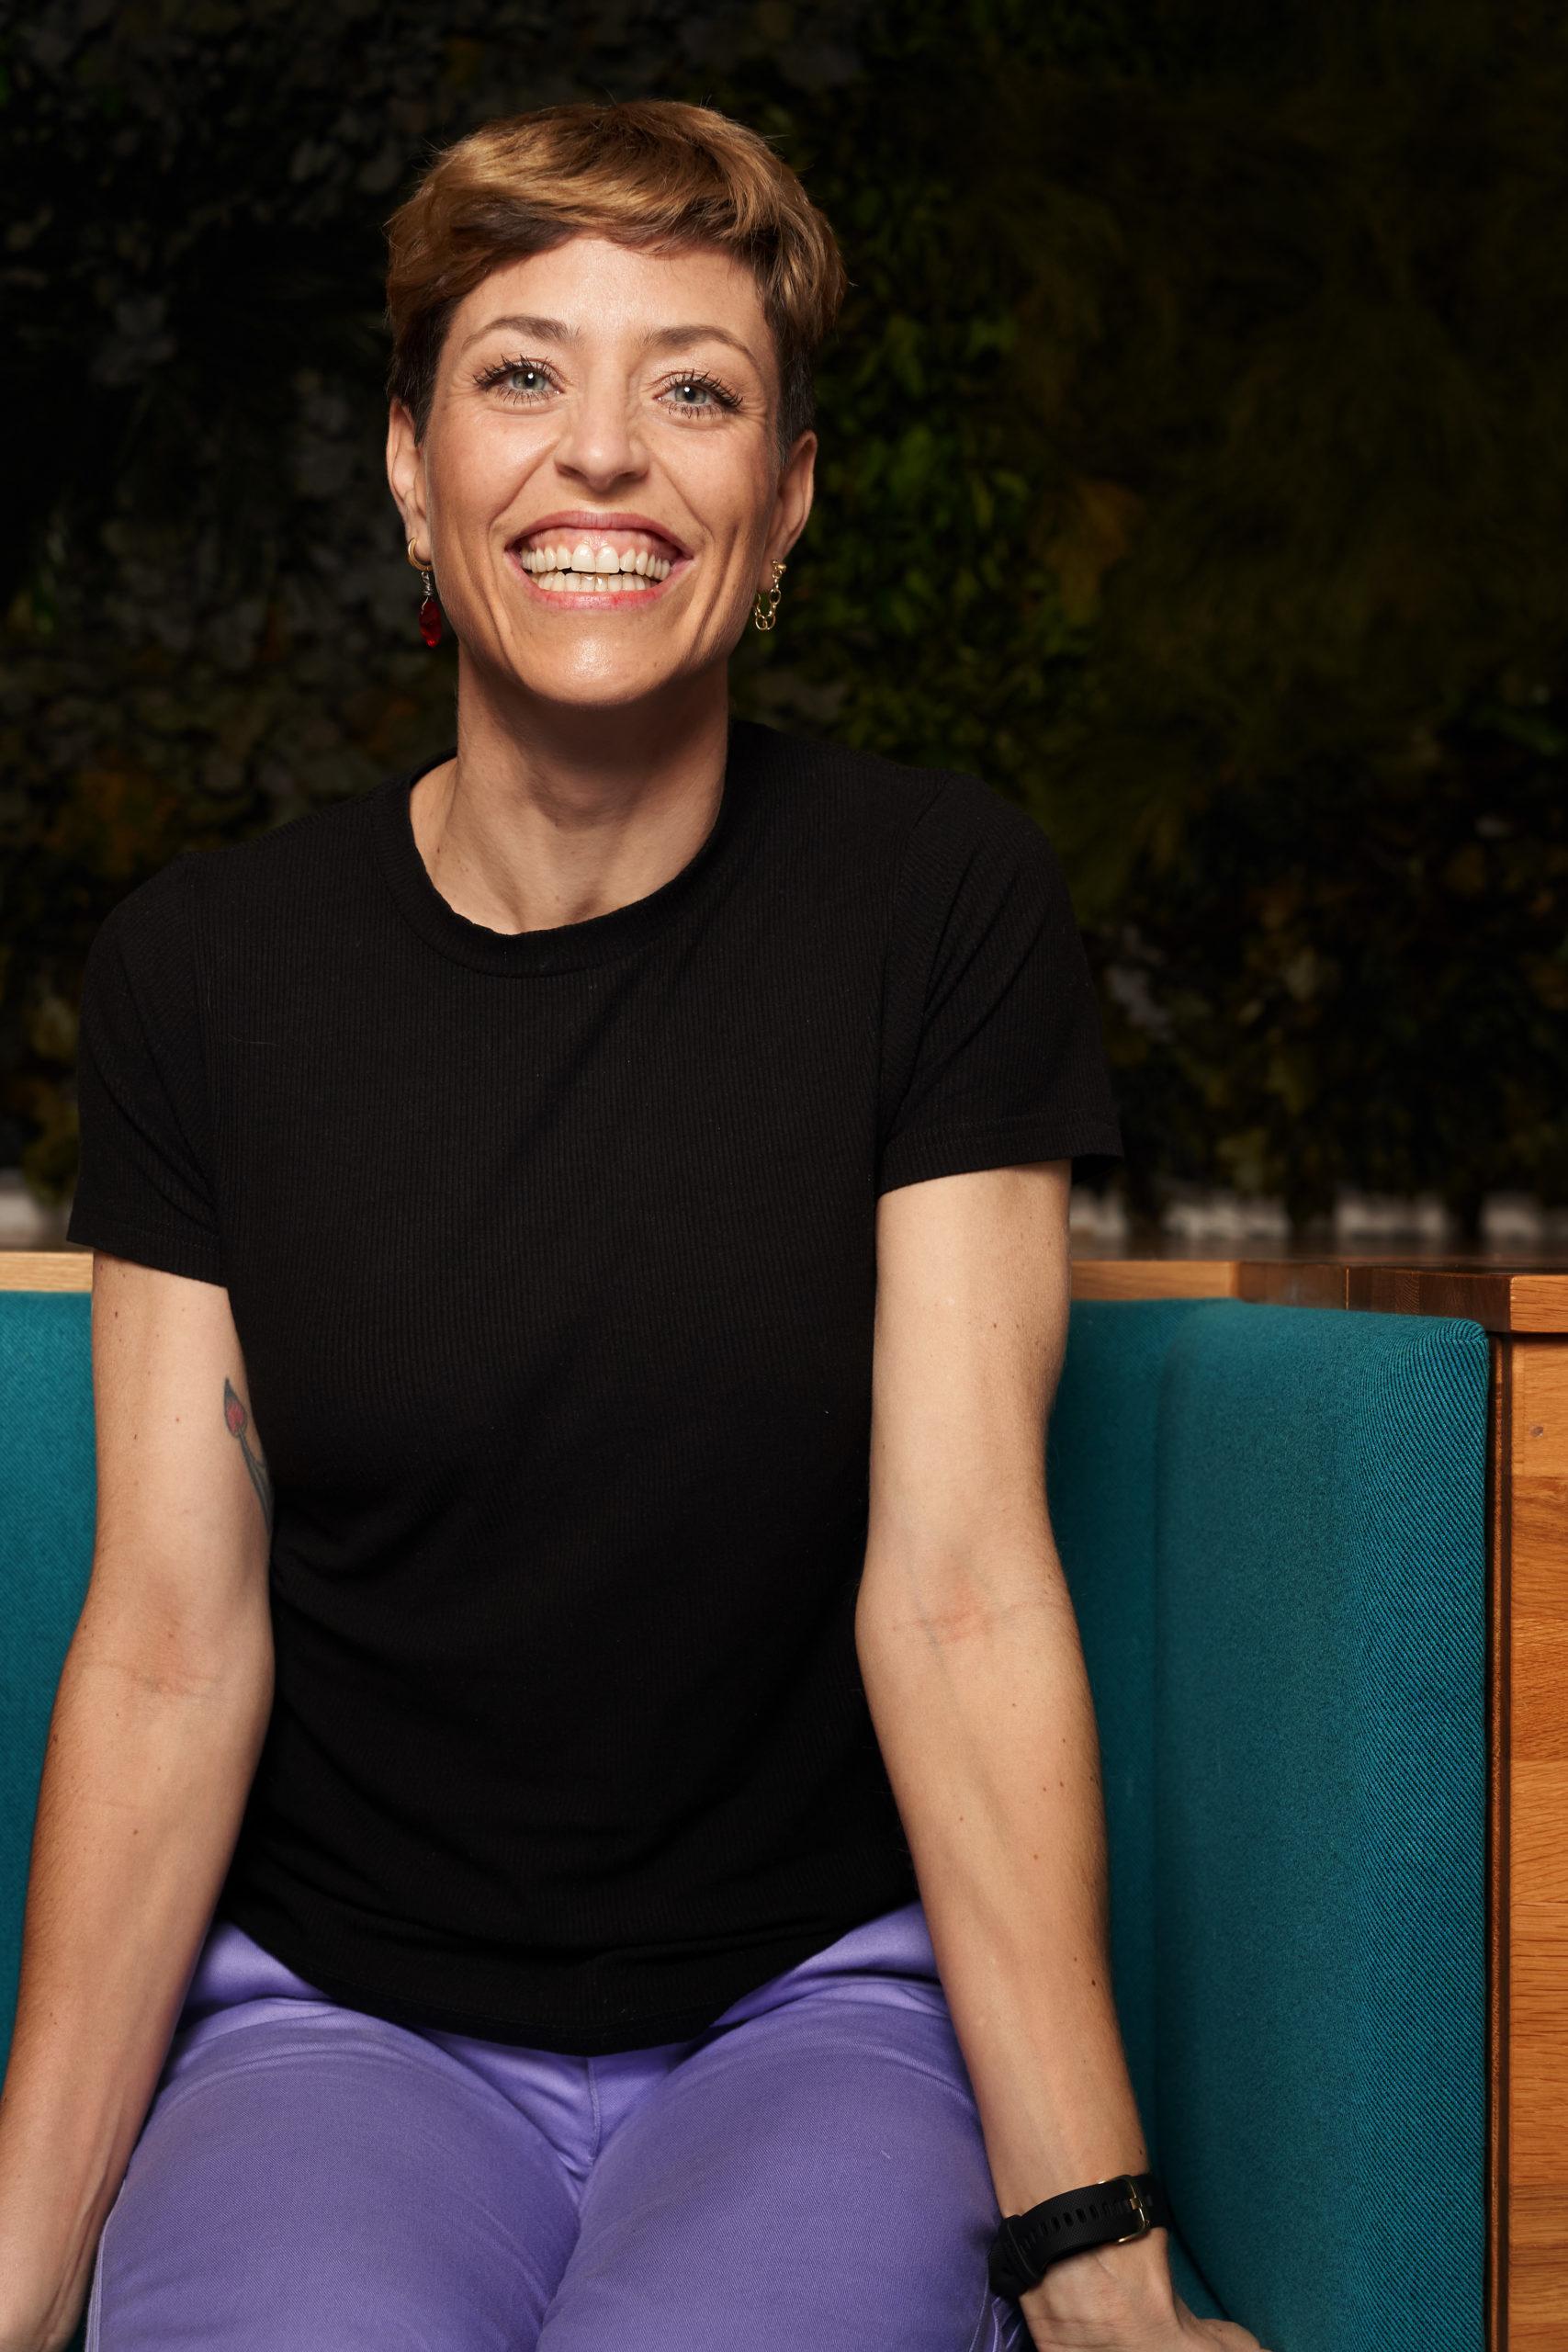 The-Good-Run-Gründerin Katharina Hoffmann will sich nicht nur nach dem Laufen gut fühlen, sondern auch währenddessen und davor. Ihr Online-Shop führt daher Laufequipment für Empowerment und ein gutes Gewissen.